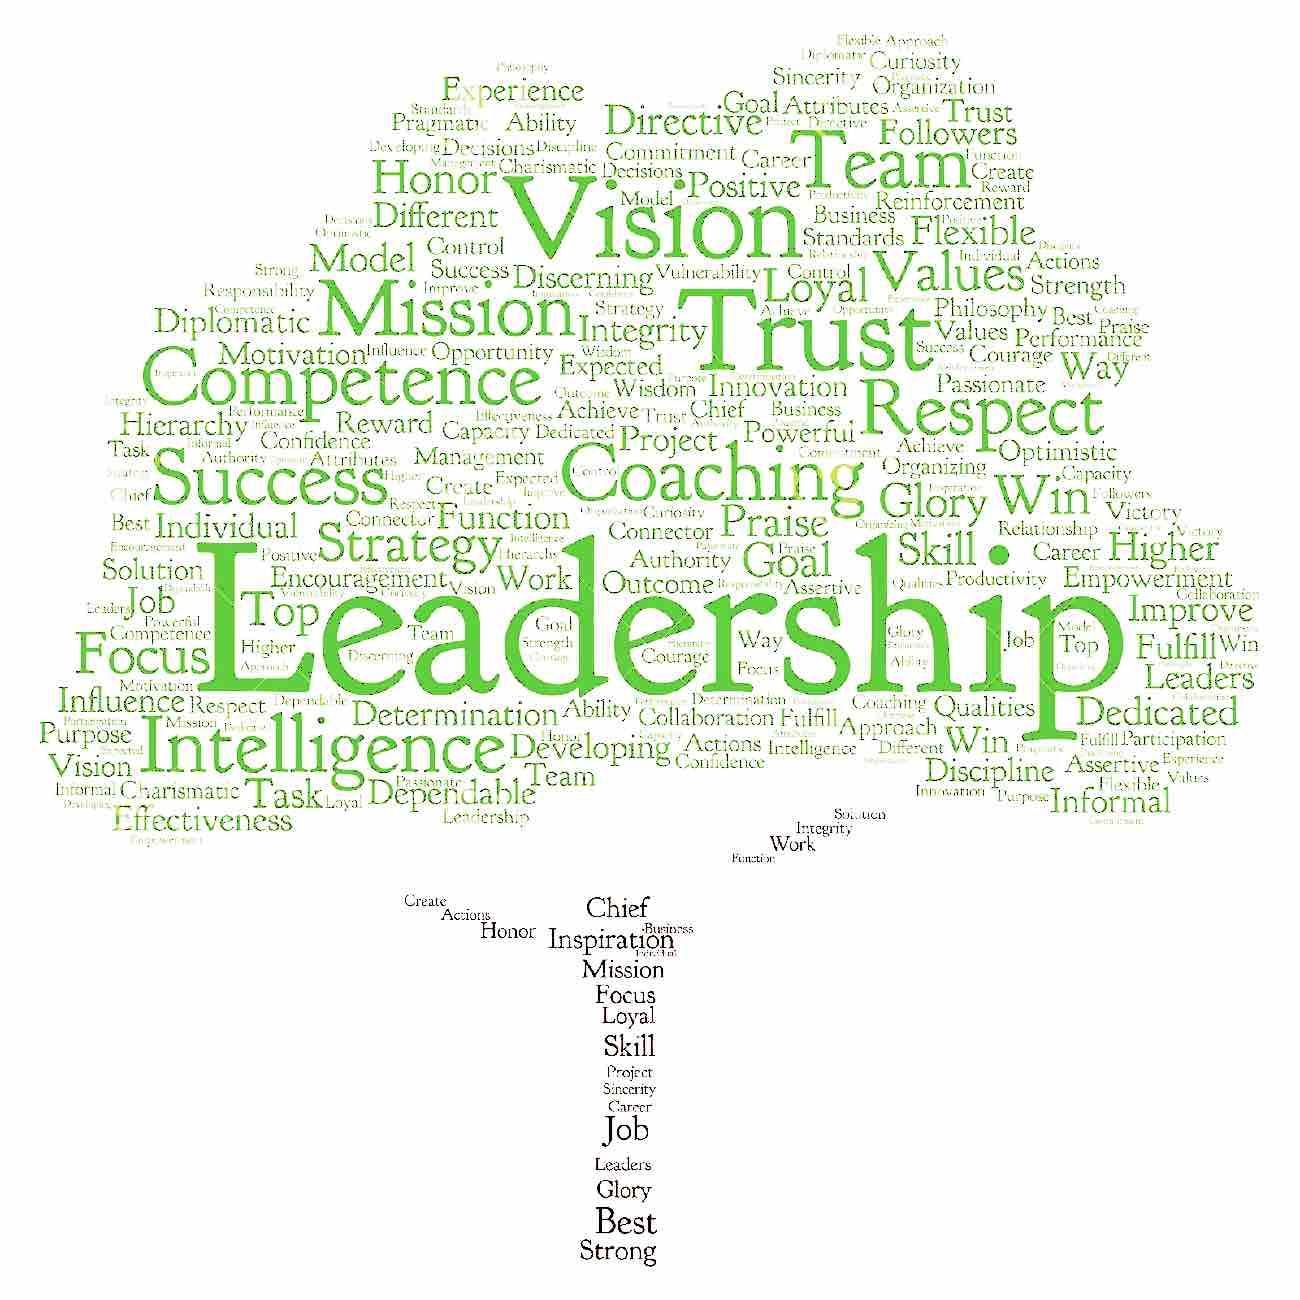 Leadership = what is leadership?